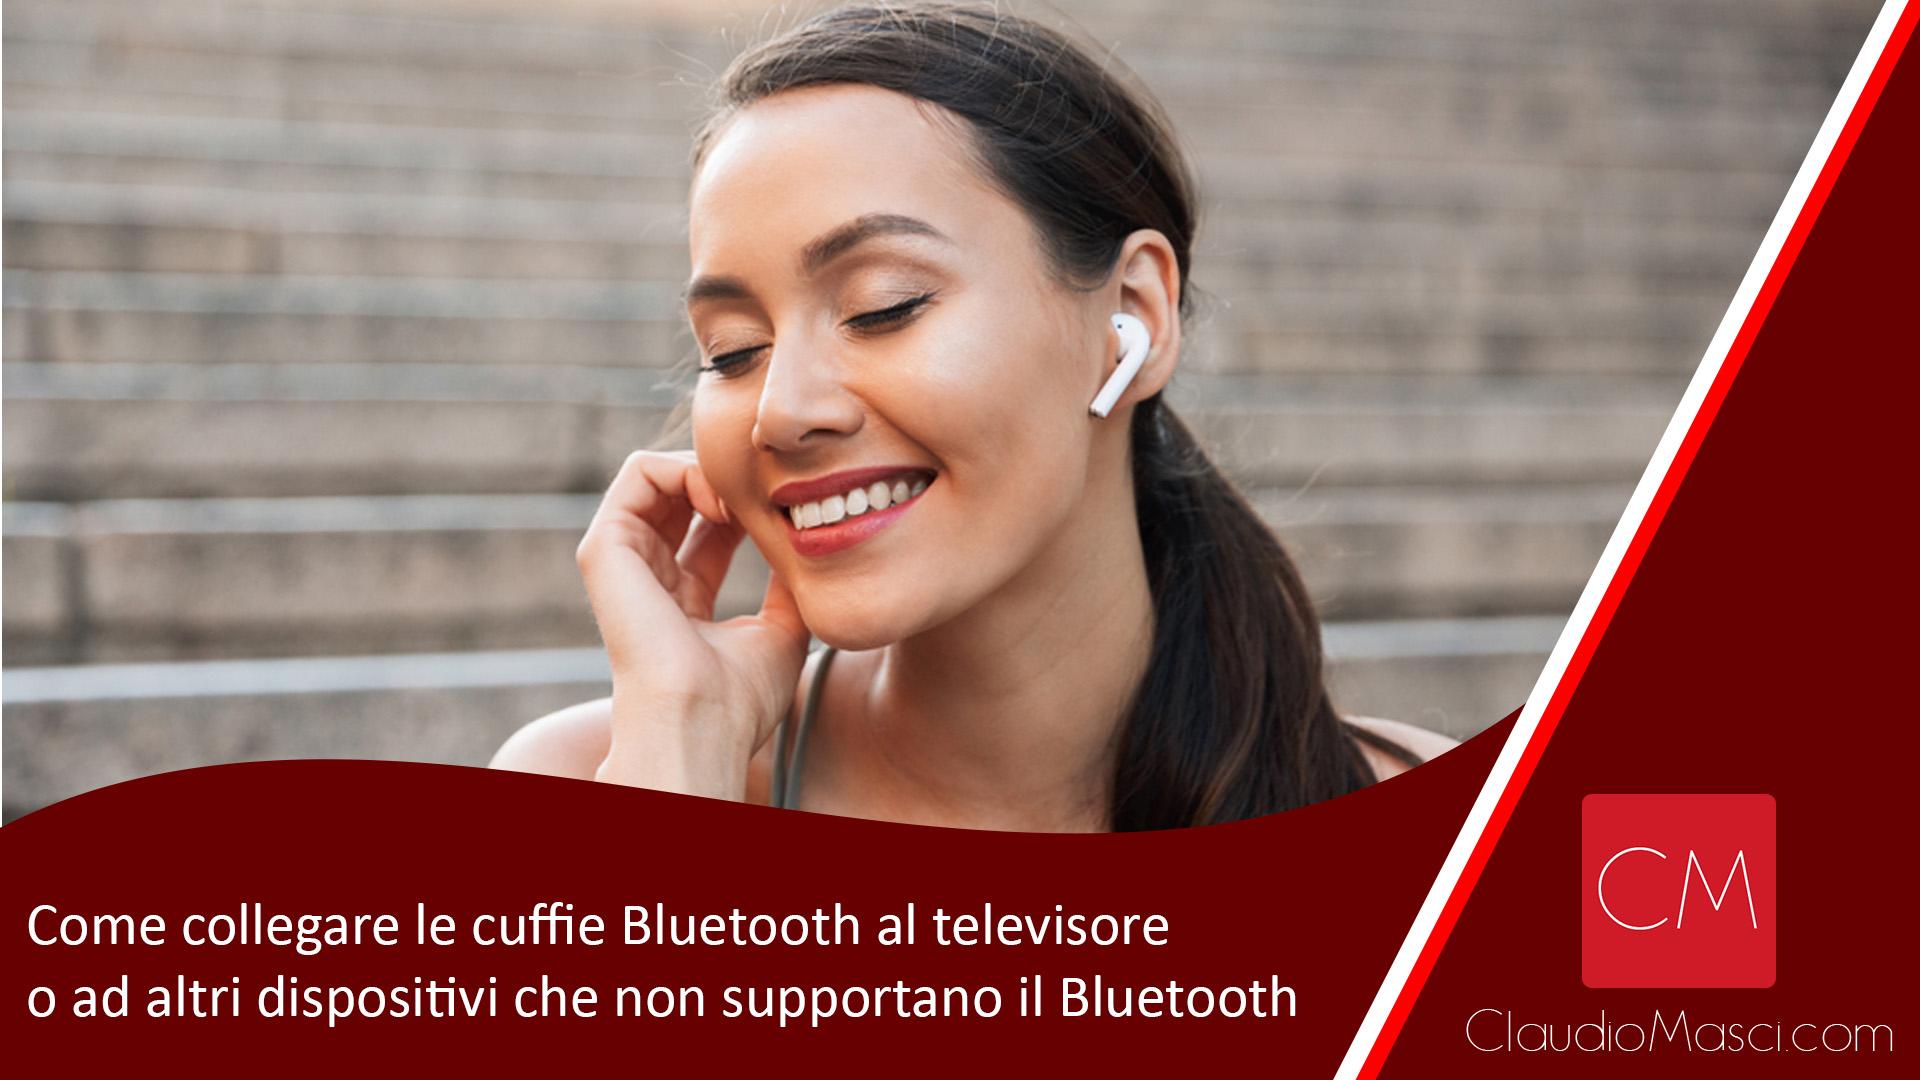 Come collegare le cuffie Bluetooth al televisore o ad altri dispositivi che non supportano il Bluetooth